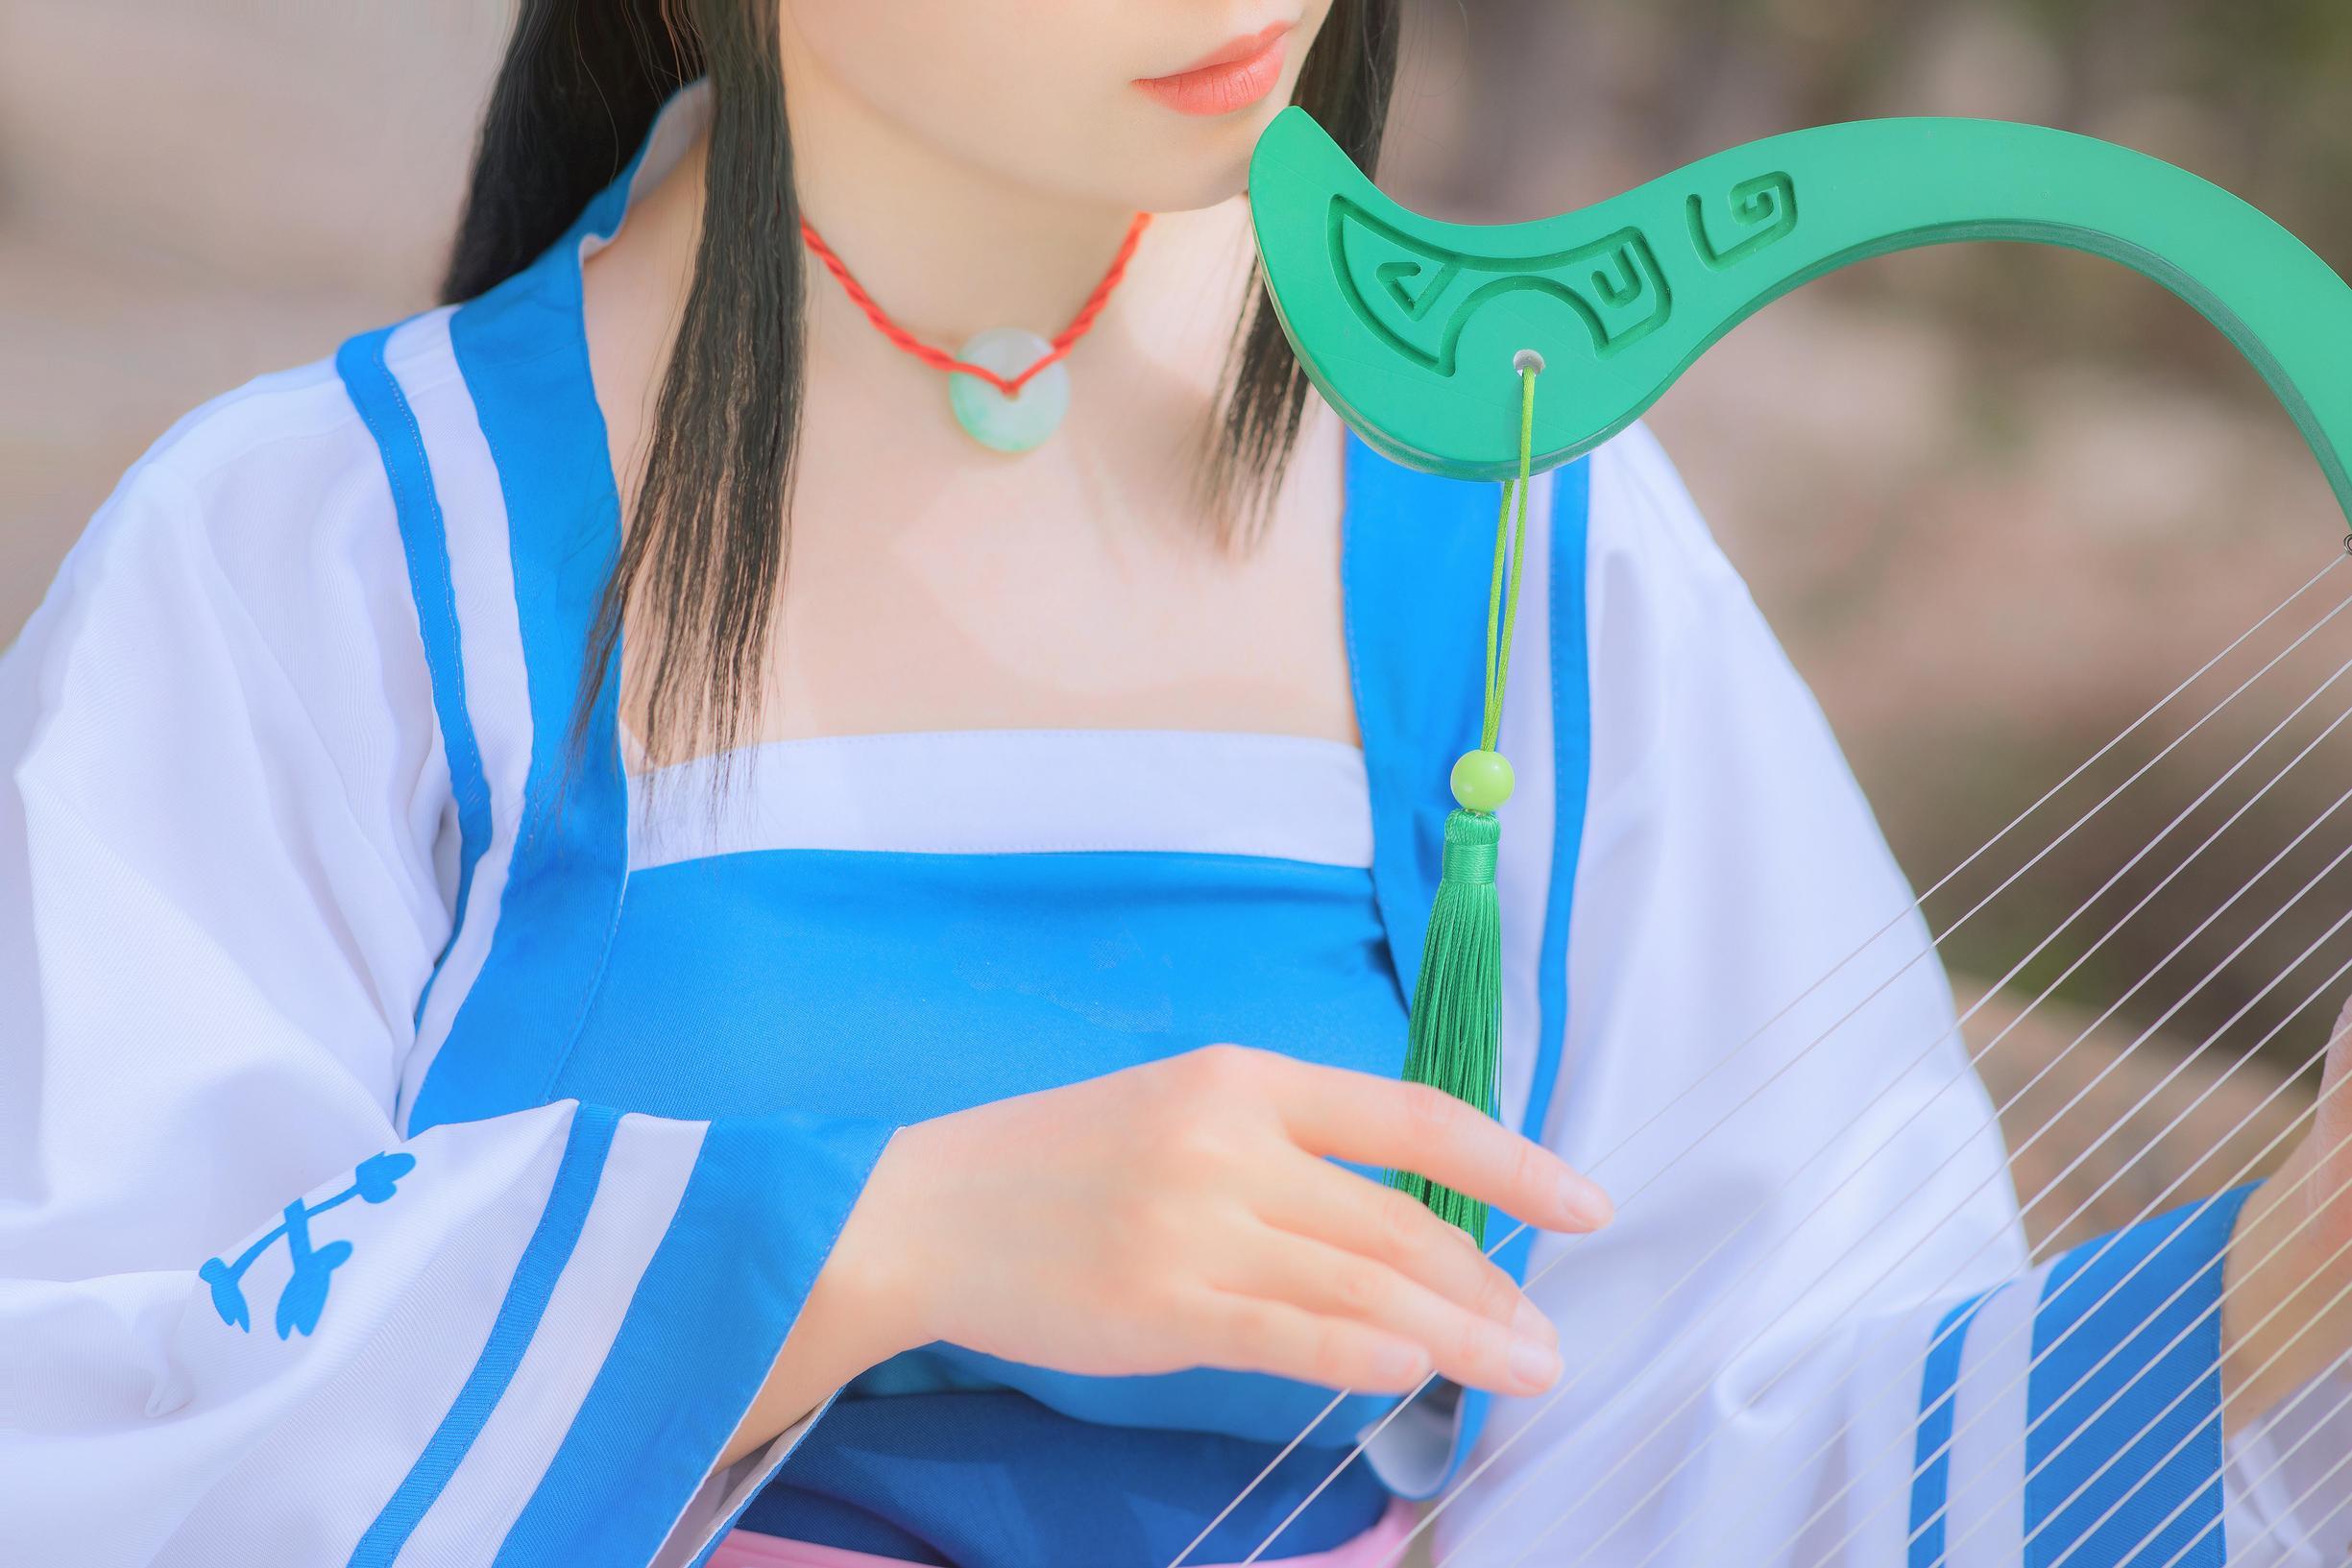 柳梦璃cosplay【CN:晗雅】-第9张